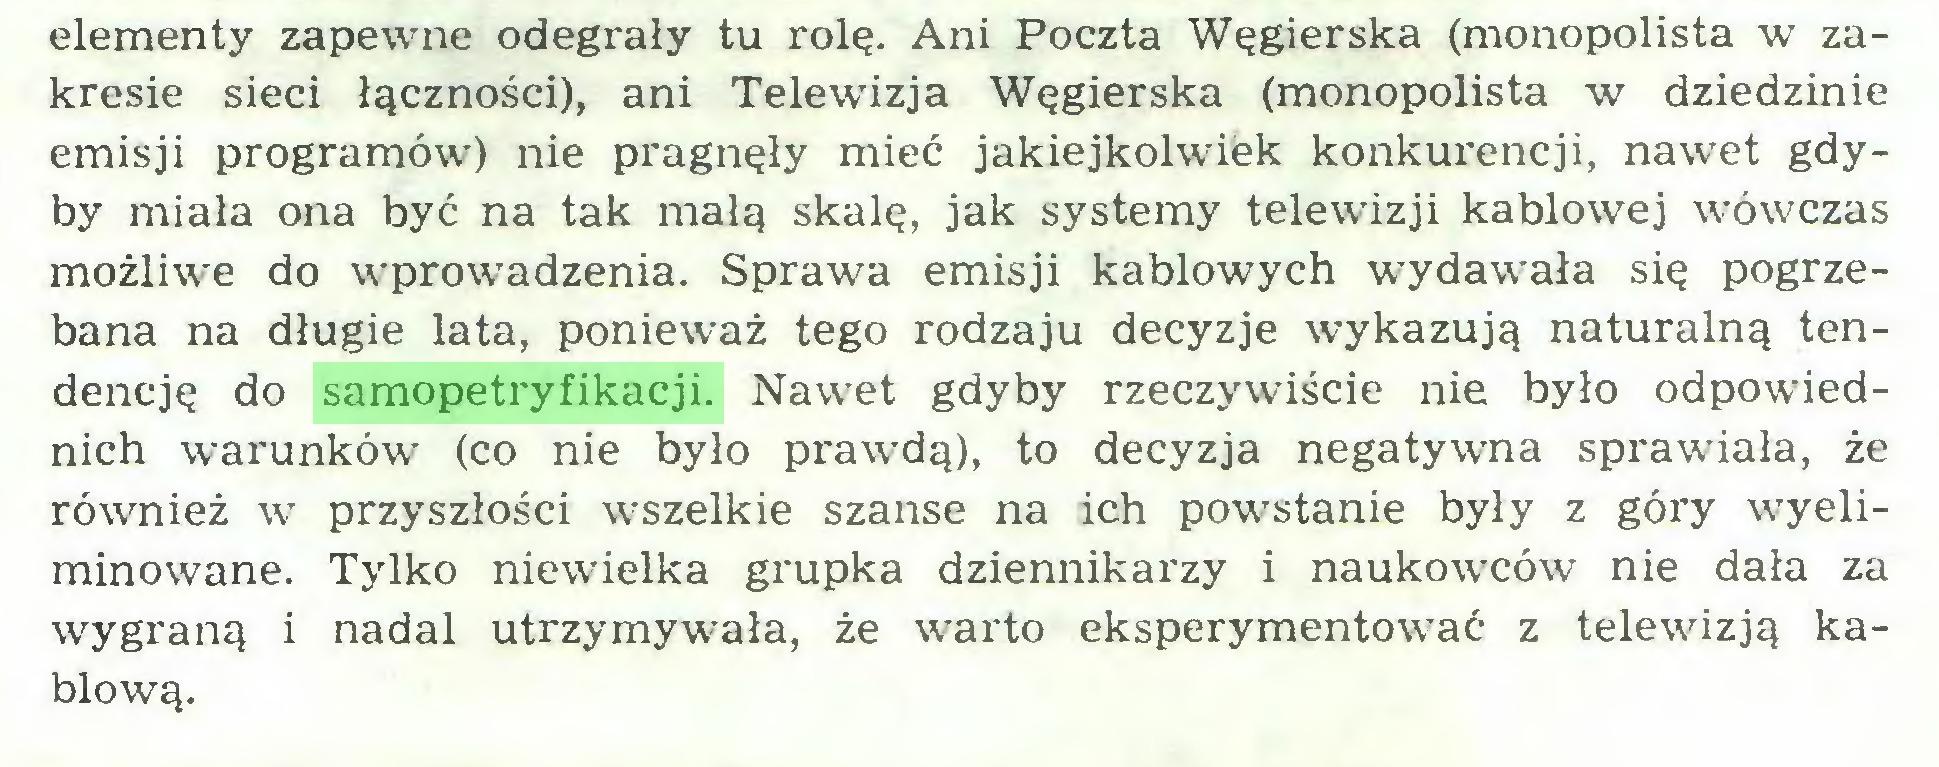 (...) elementy zapewne odegrały tu rolę. Ani Poczta Węgierska (monopolista w zakresie sieci łączności), ani Telewizja Węgierska (monopolista w dziedzinie emisji programów) nie pragnęły mieć jakiejkolwiek konkurencji, nawet gdyby miała ona być na tak małą skalę, jak systemy telewizji kablowej wówczas możliwe do wprowadzenia. Sprawa emisji kablowych wydawała się pogrzebana na długie lata, ponieważ tego rodzaju decyzje wykazują naturalną tendencję do samopetryfikacji. Nawet gdyby rzeczywiście nie było odpowiednich warunków (co nie było prawdą), to decyzja negatywna sprawiała, że również w przyszłości wszelkie szanse na ich powstanie były z góry wyeliminowane. Tylko niewielka grupka dziennikarzy i naukowców nie dała za wygraną i nadal utrzymywała, że warto eksperymentować z telewizją kablową...